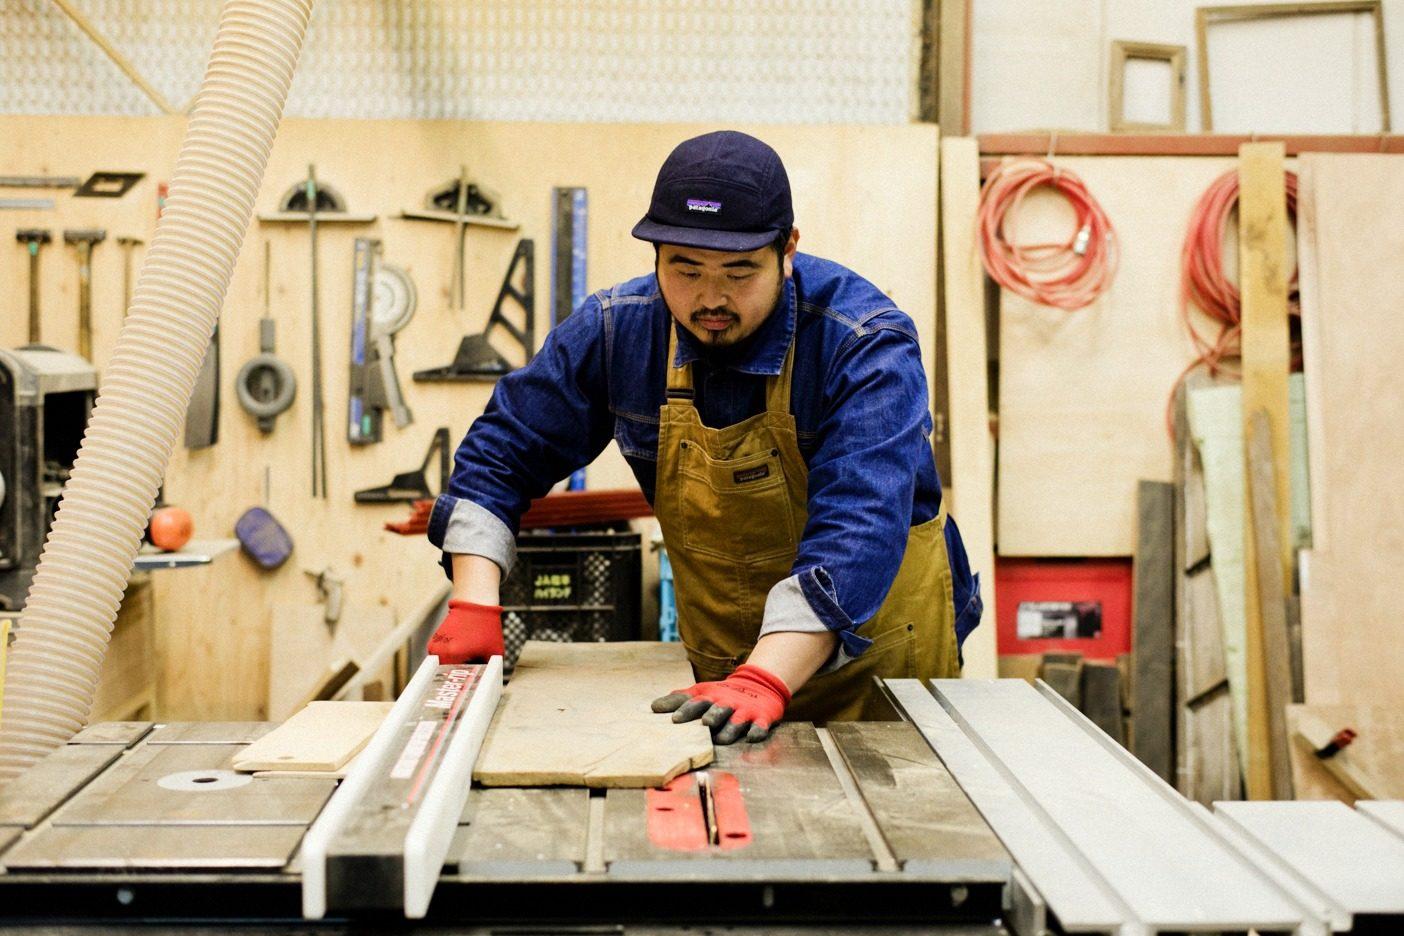 リビセンがレスキューする古材は年間でおよそ60トン。それぞれきれいに洗い、使いやすいサイズにカットするなどの加工を施す。写真:五十嵐 一晴